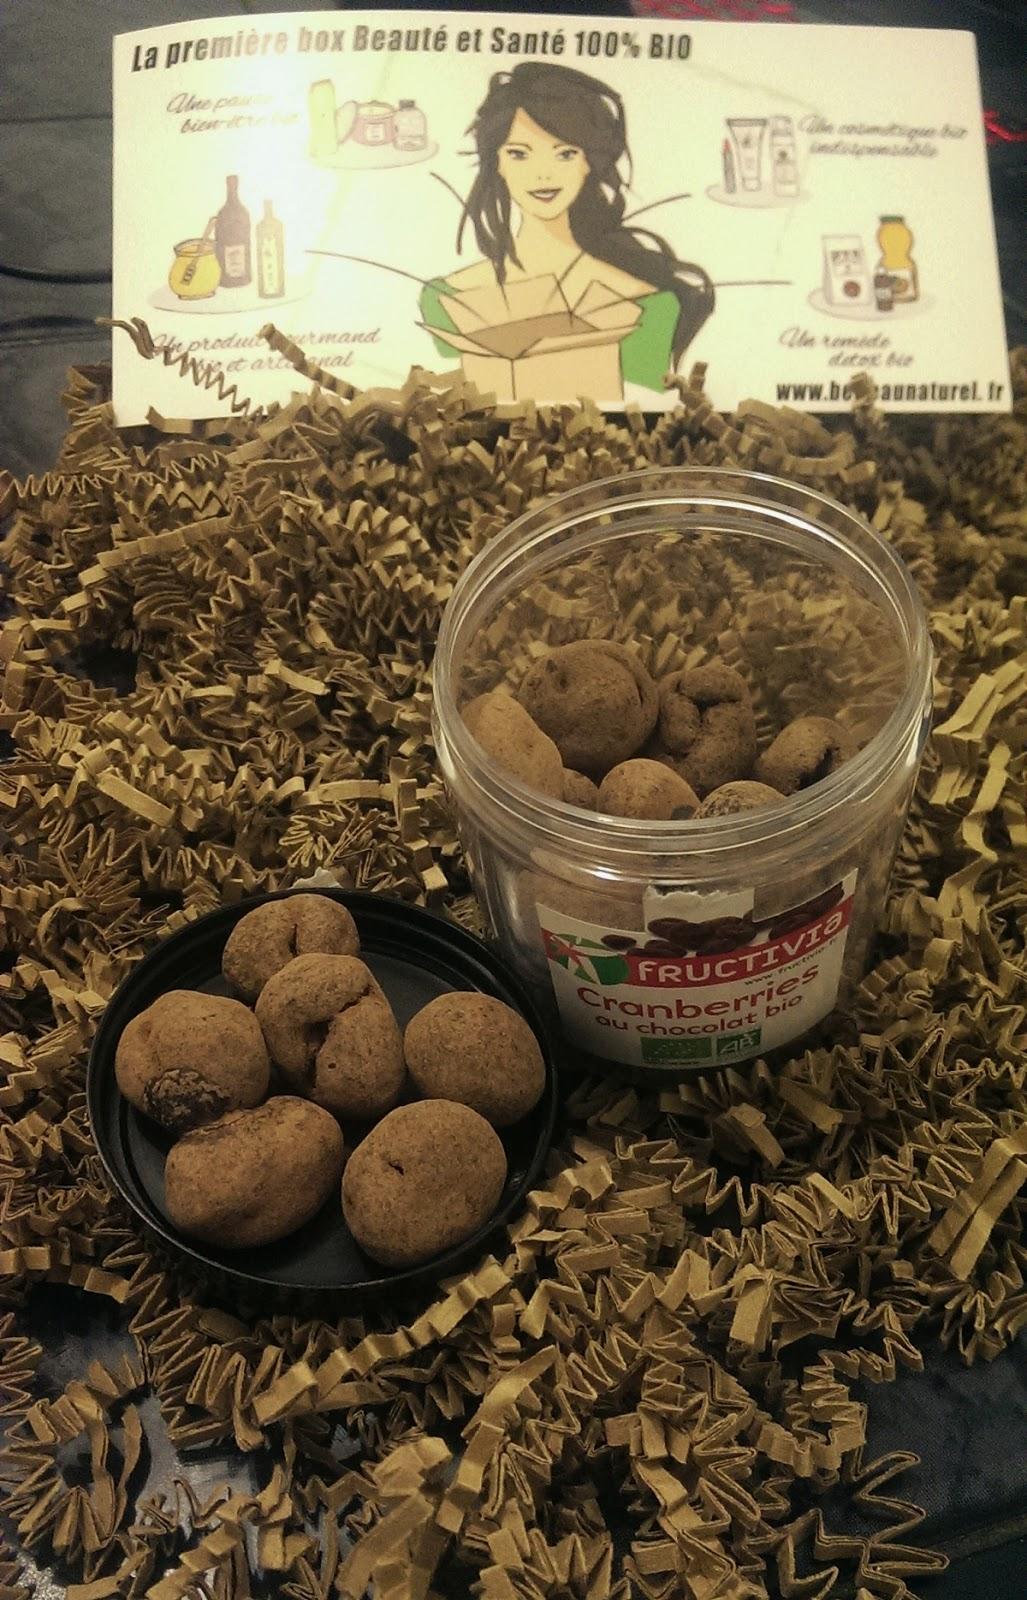 Pot de cranberries au chocolat bio 150g